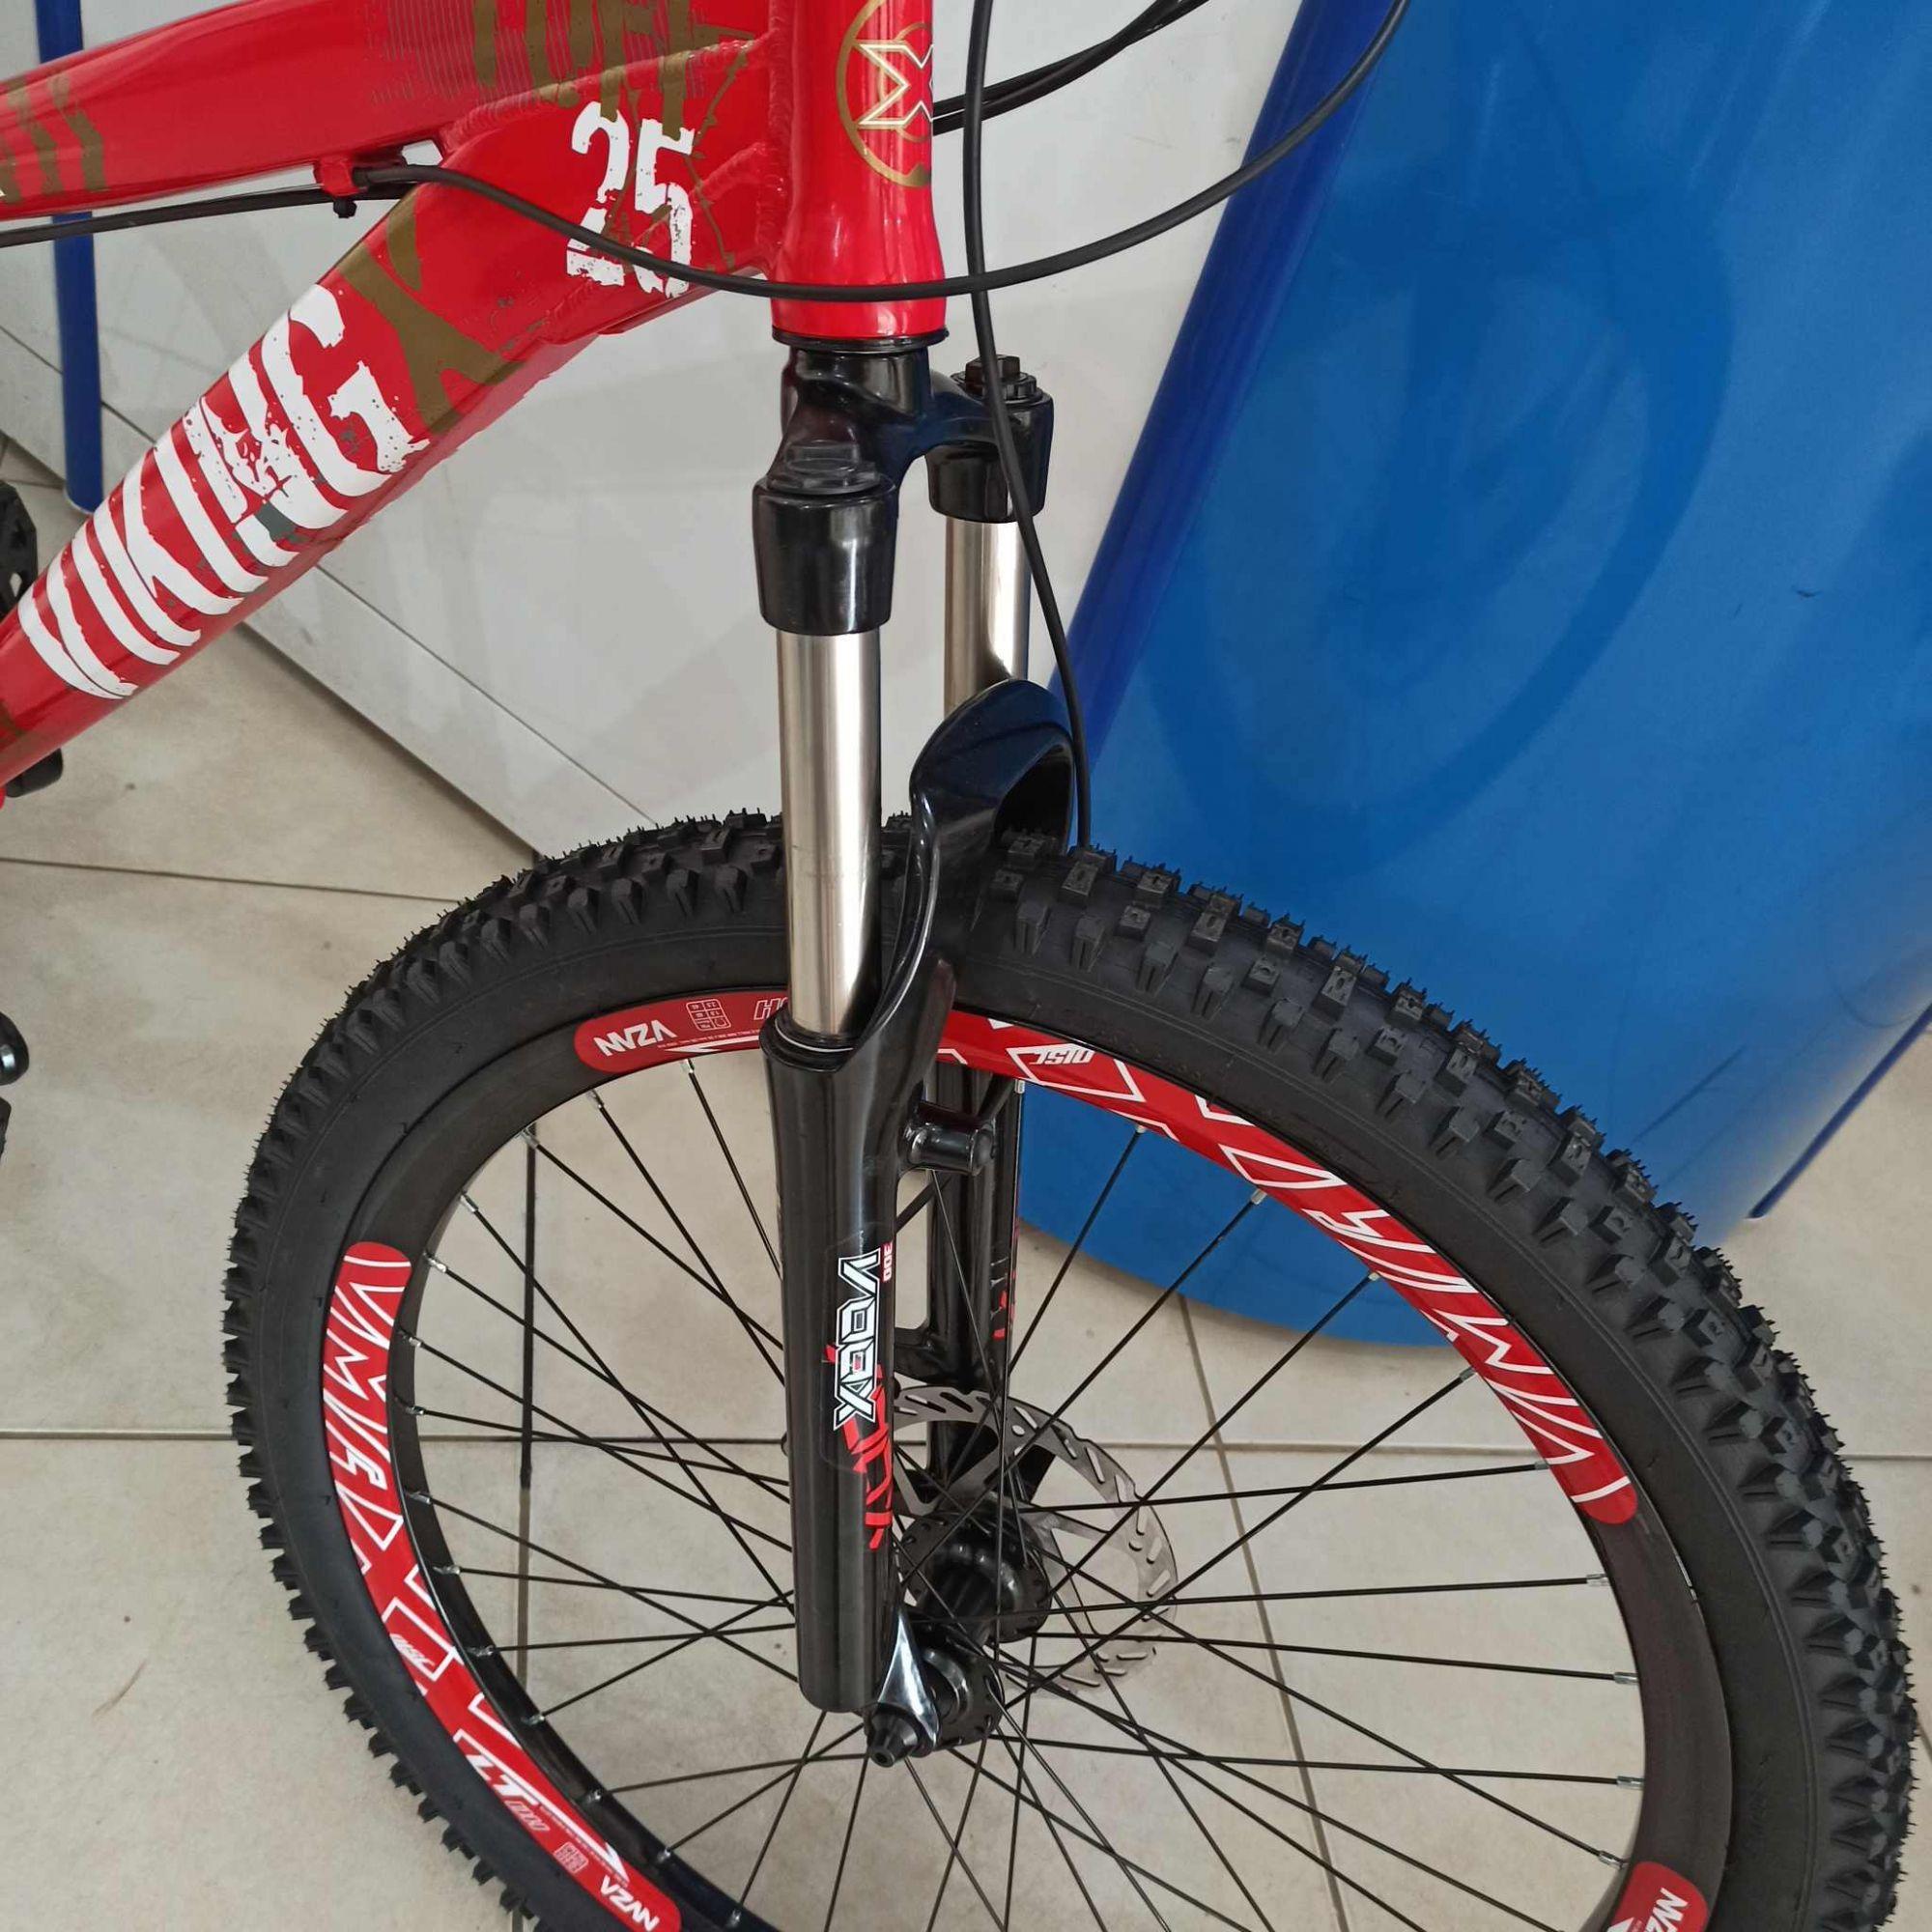 Bicicleta VIKING Tuff X25 - 21v Shimano/GTA - Suspensão Voox 120 mm de curso